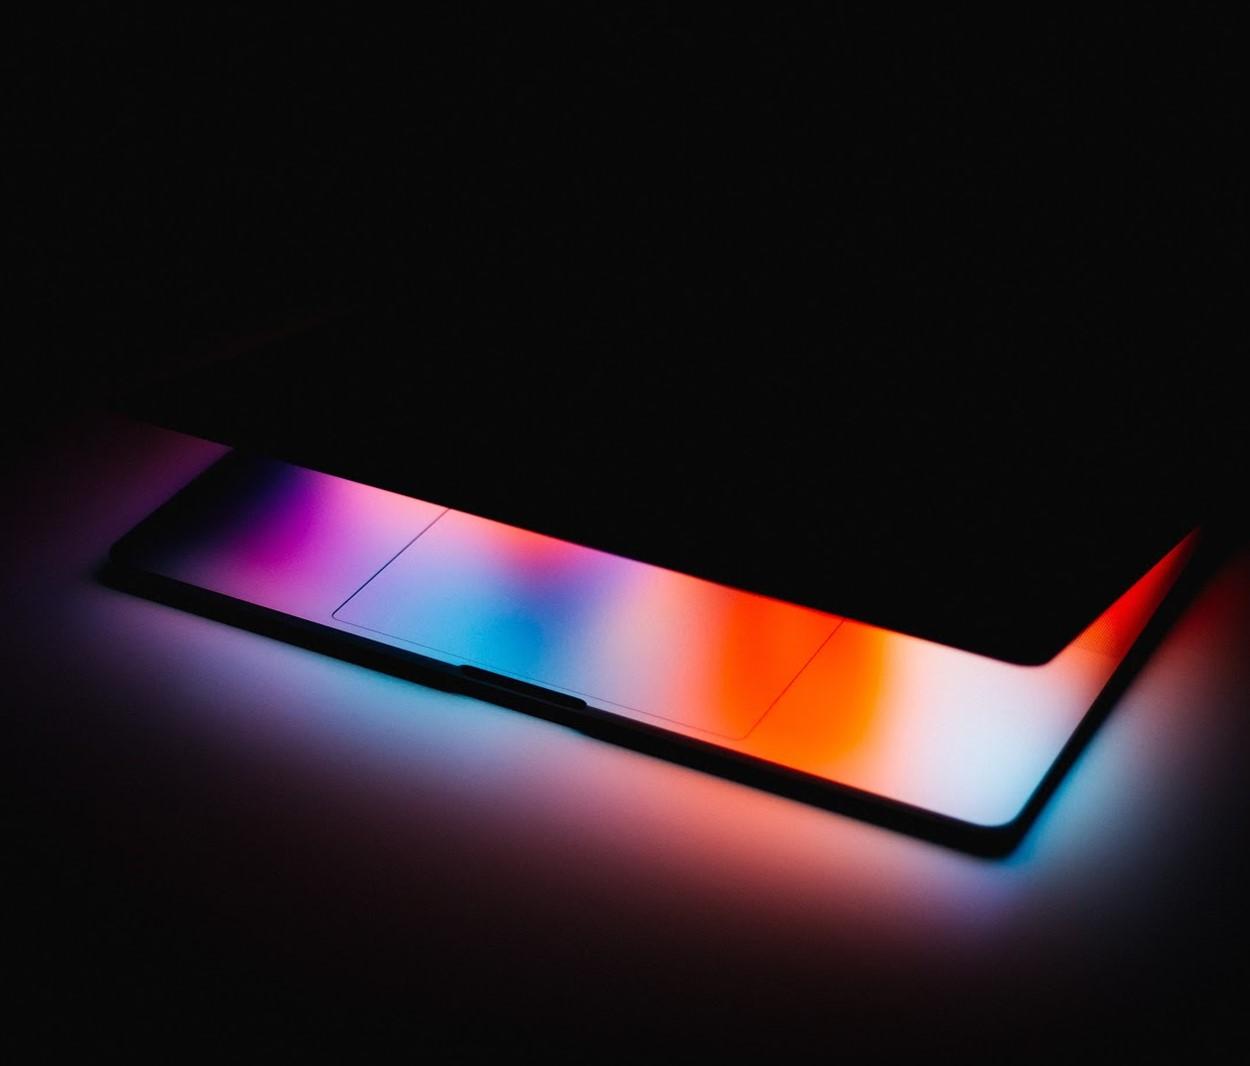 notebook entreaberto com tela com alto brilho - Oalto brilho das telas provoca cansaço nos olhos. (Fonte: Unsplash)